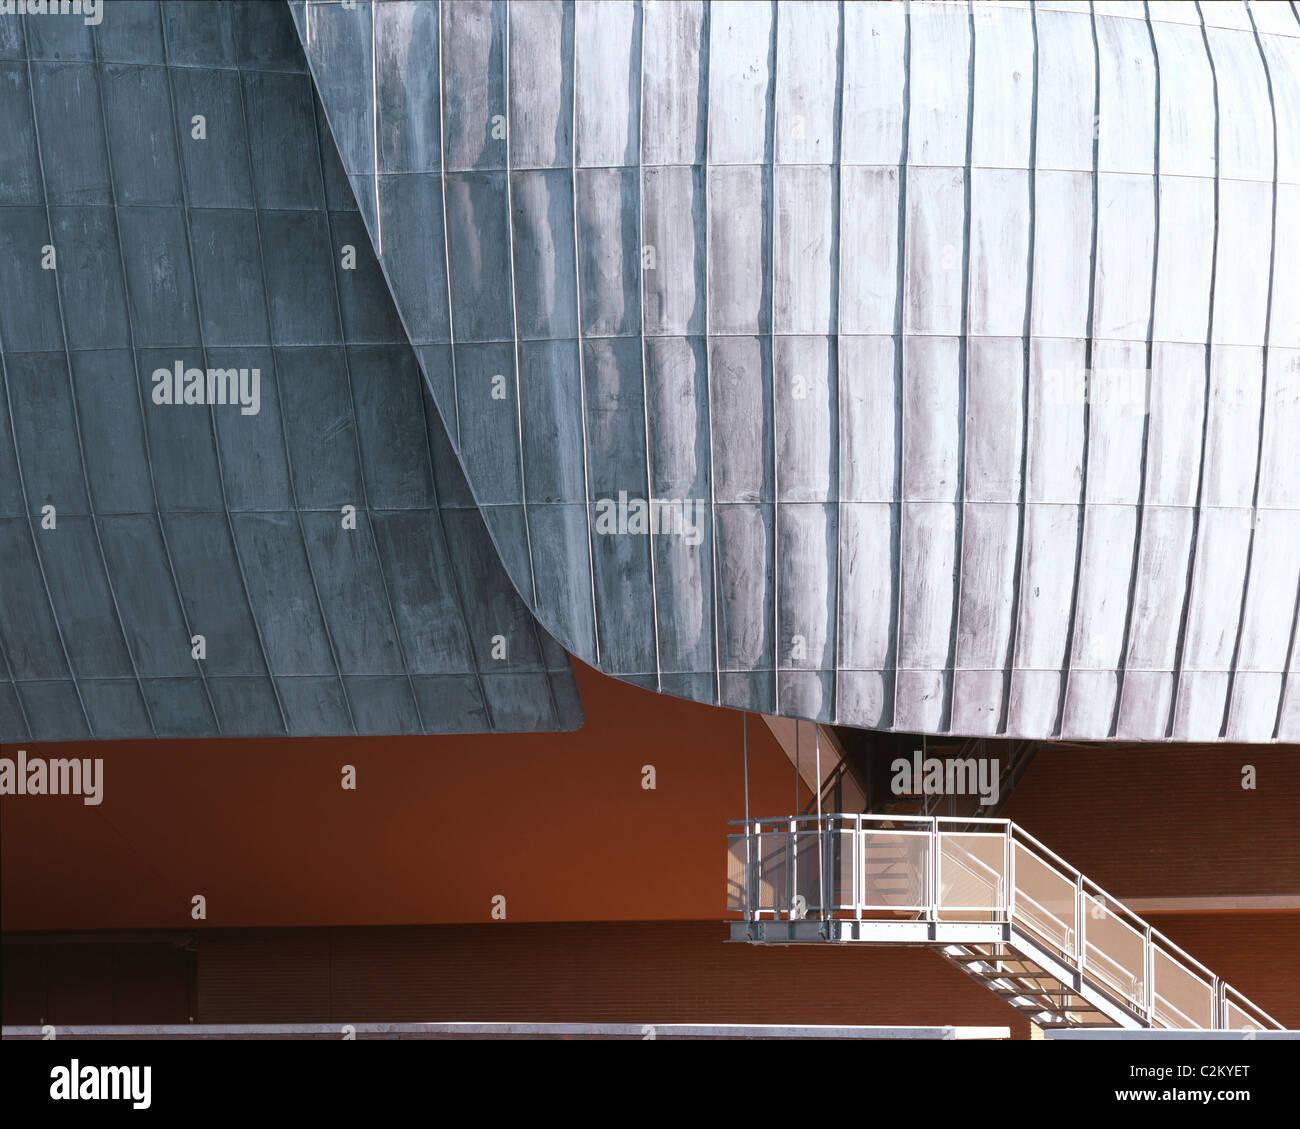 Auditorio Parco della Musica, Roma, 1997-2002. Detalle del techo y escalera exterior. Imagen De Stock